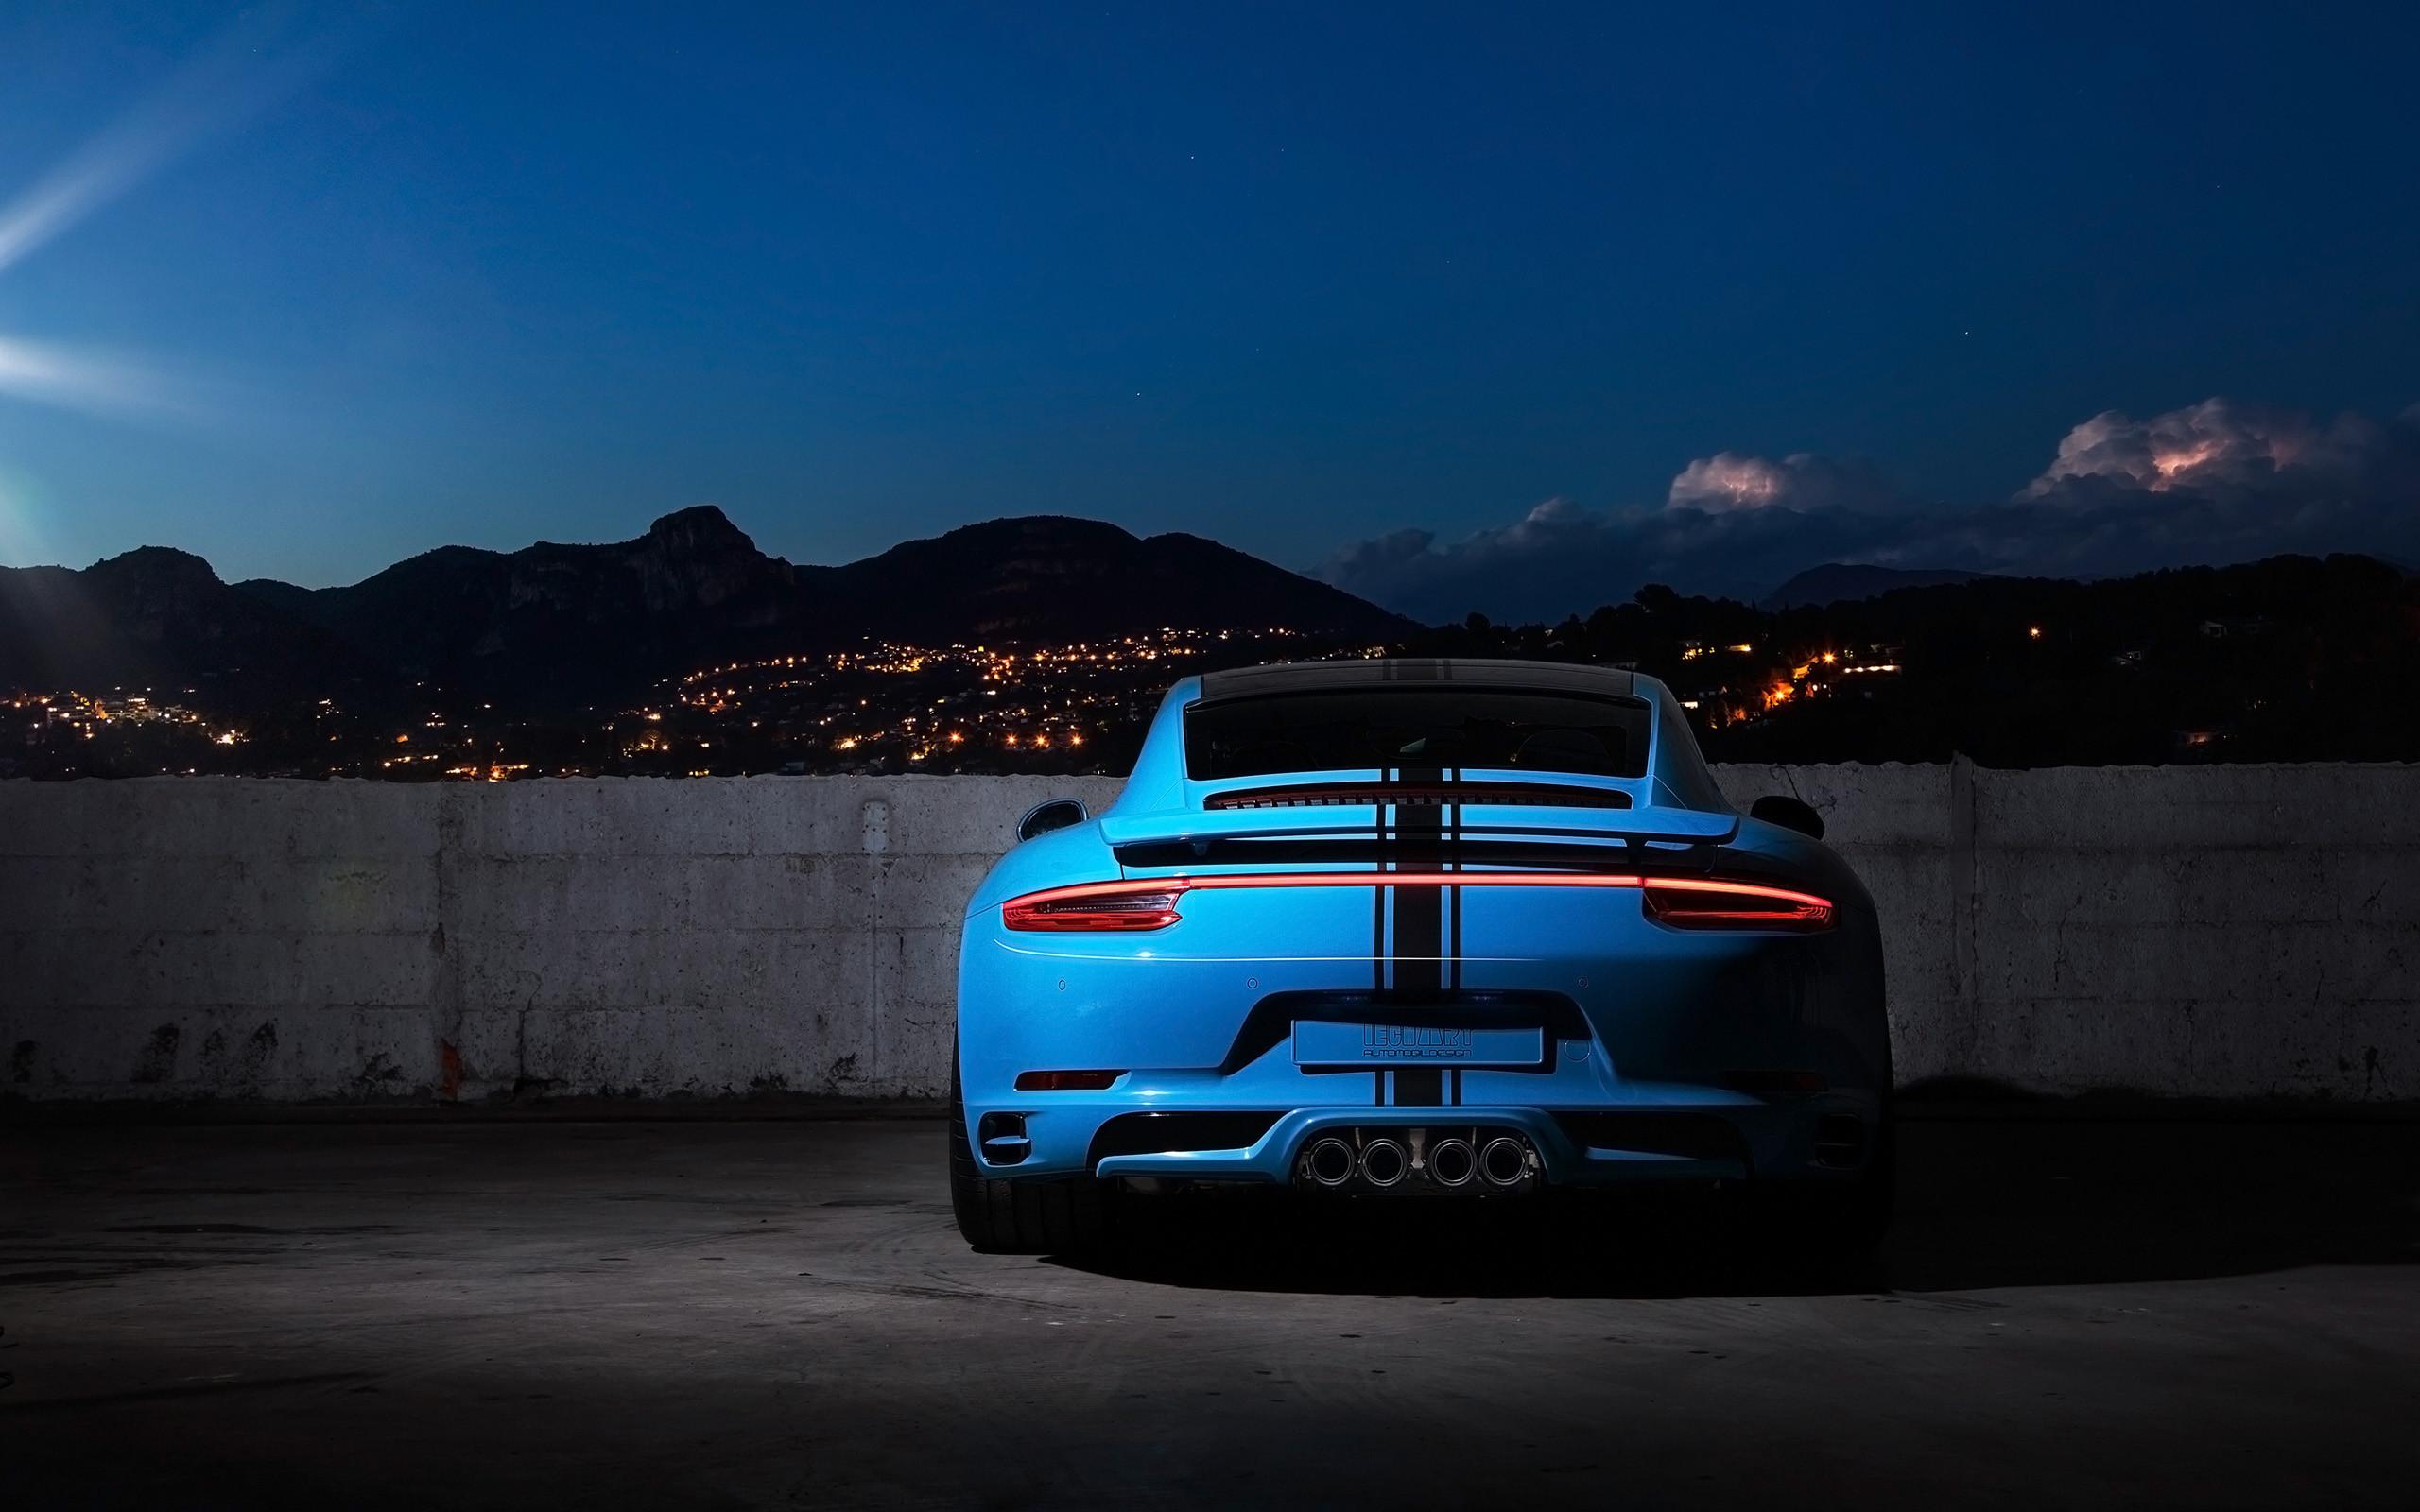 69 Porsche Wallpapers on WallpaperPlay 2560x1600